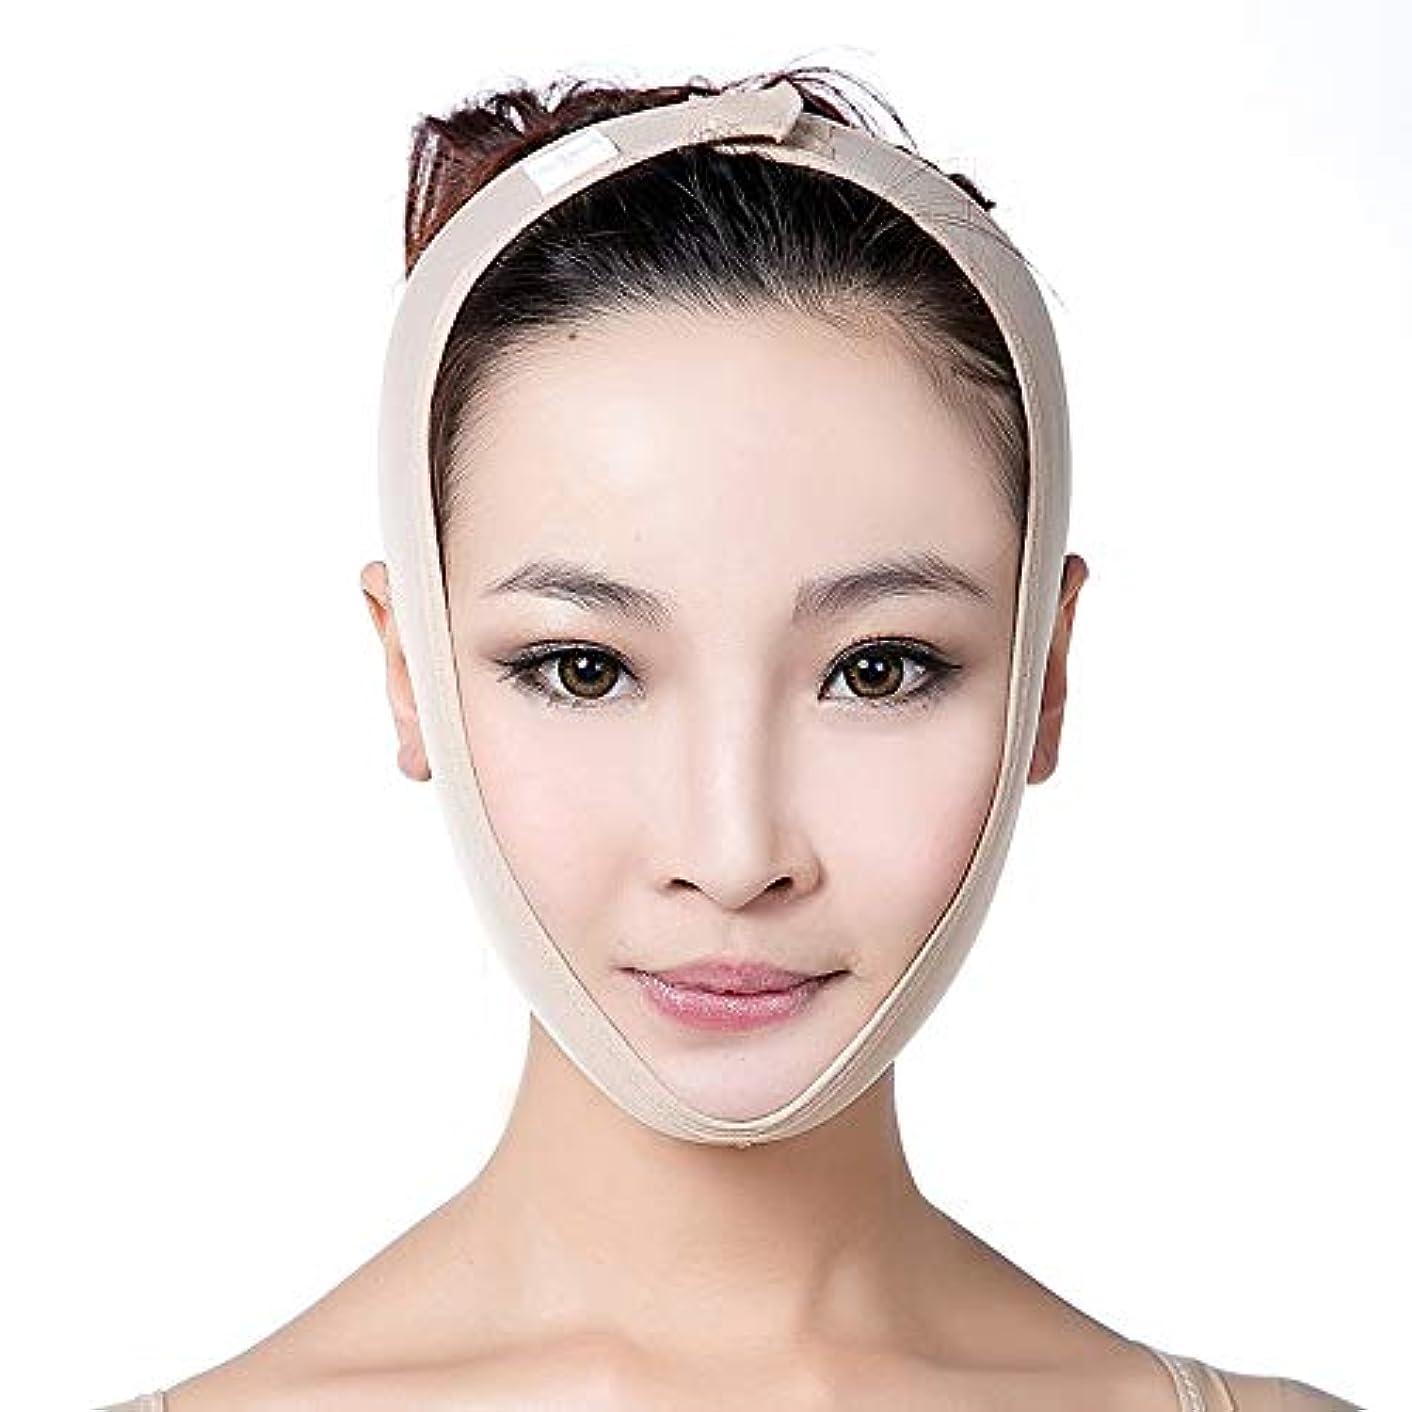 増幅する遅れそこフェイスリフティングベルト、脂肪吸引V顔と顔フード持ち上げ、ファーミング後弾性ハーフマスクは、肌のしわ二重あごを縮小し、5つのサイズを改善するために、 (Size : XXL)